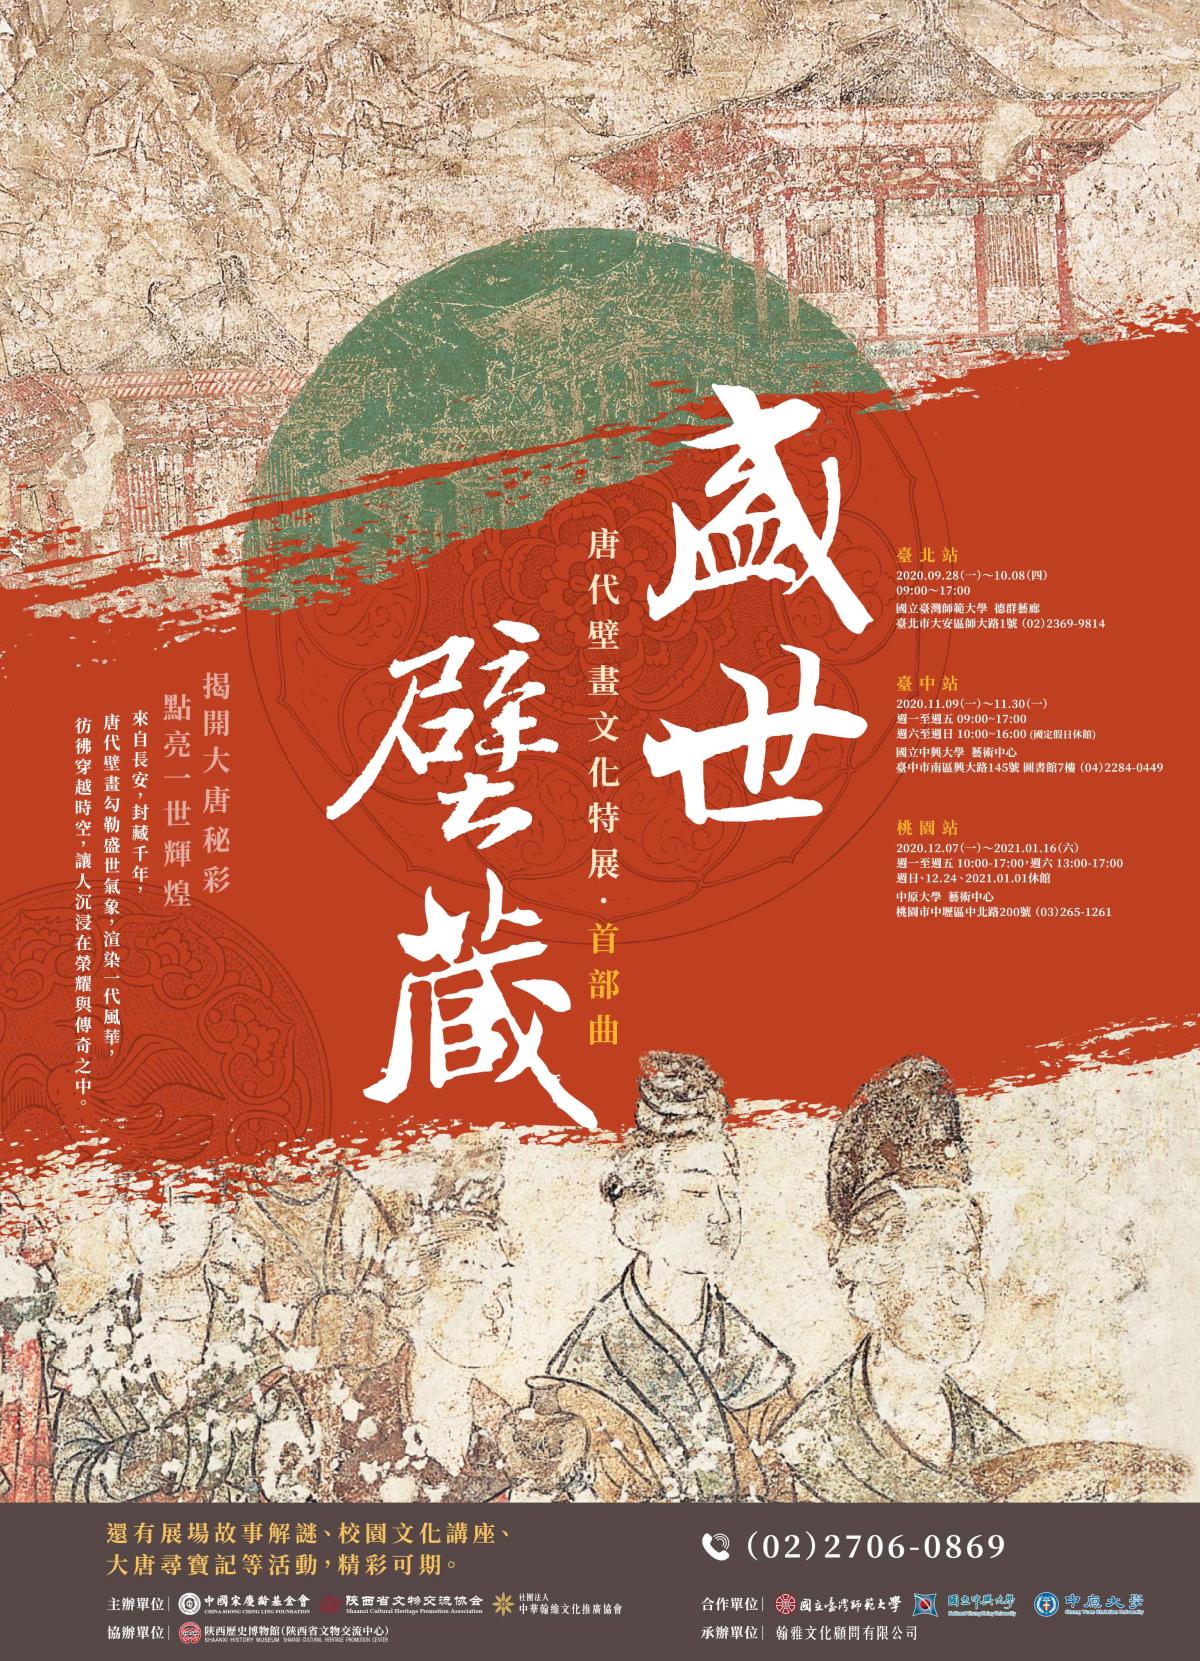 盛世壁藏~唐代壁畫文化特展・首部曲-海報